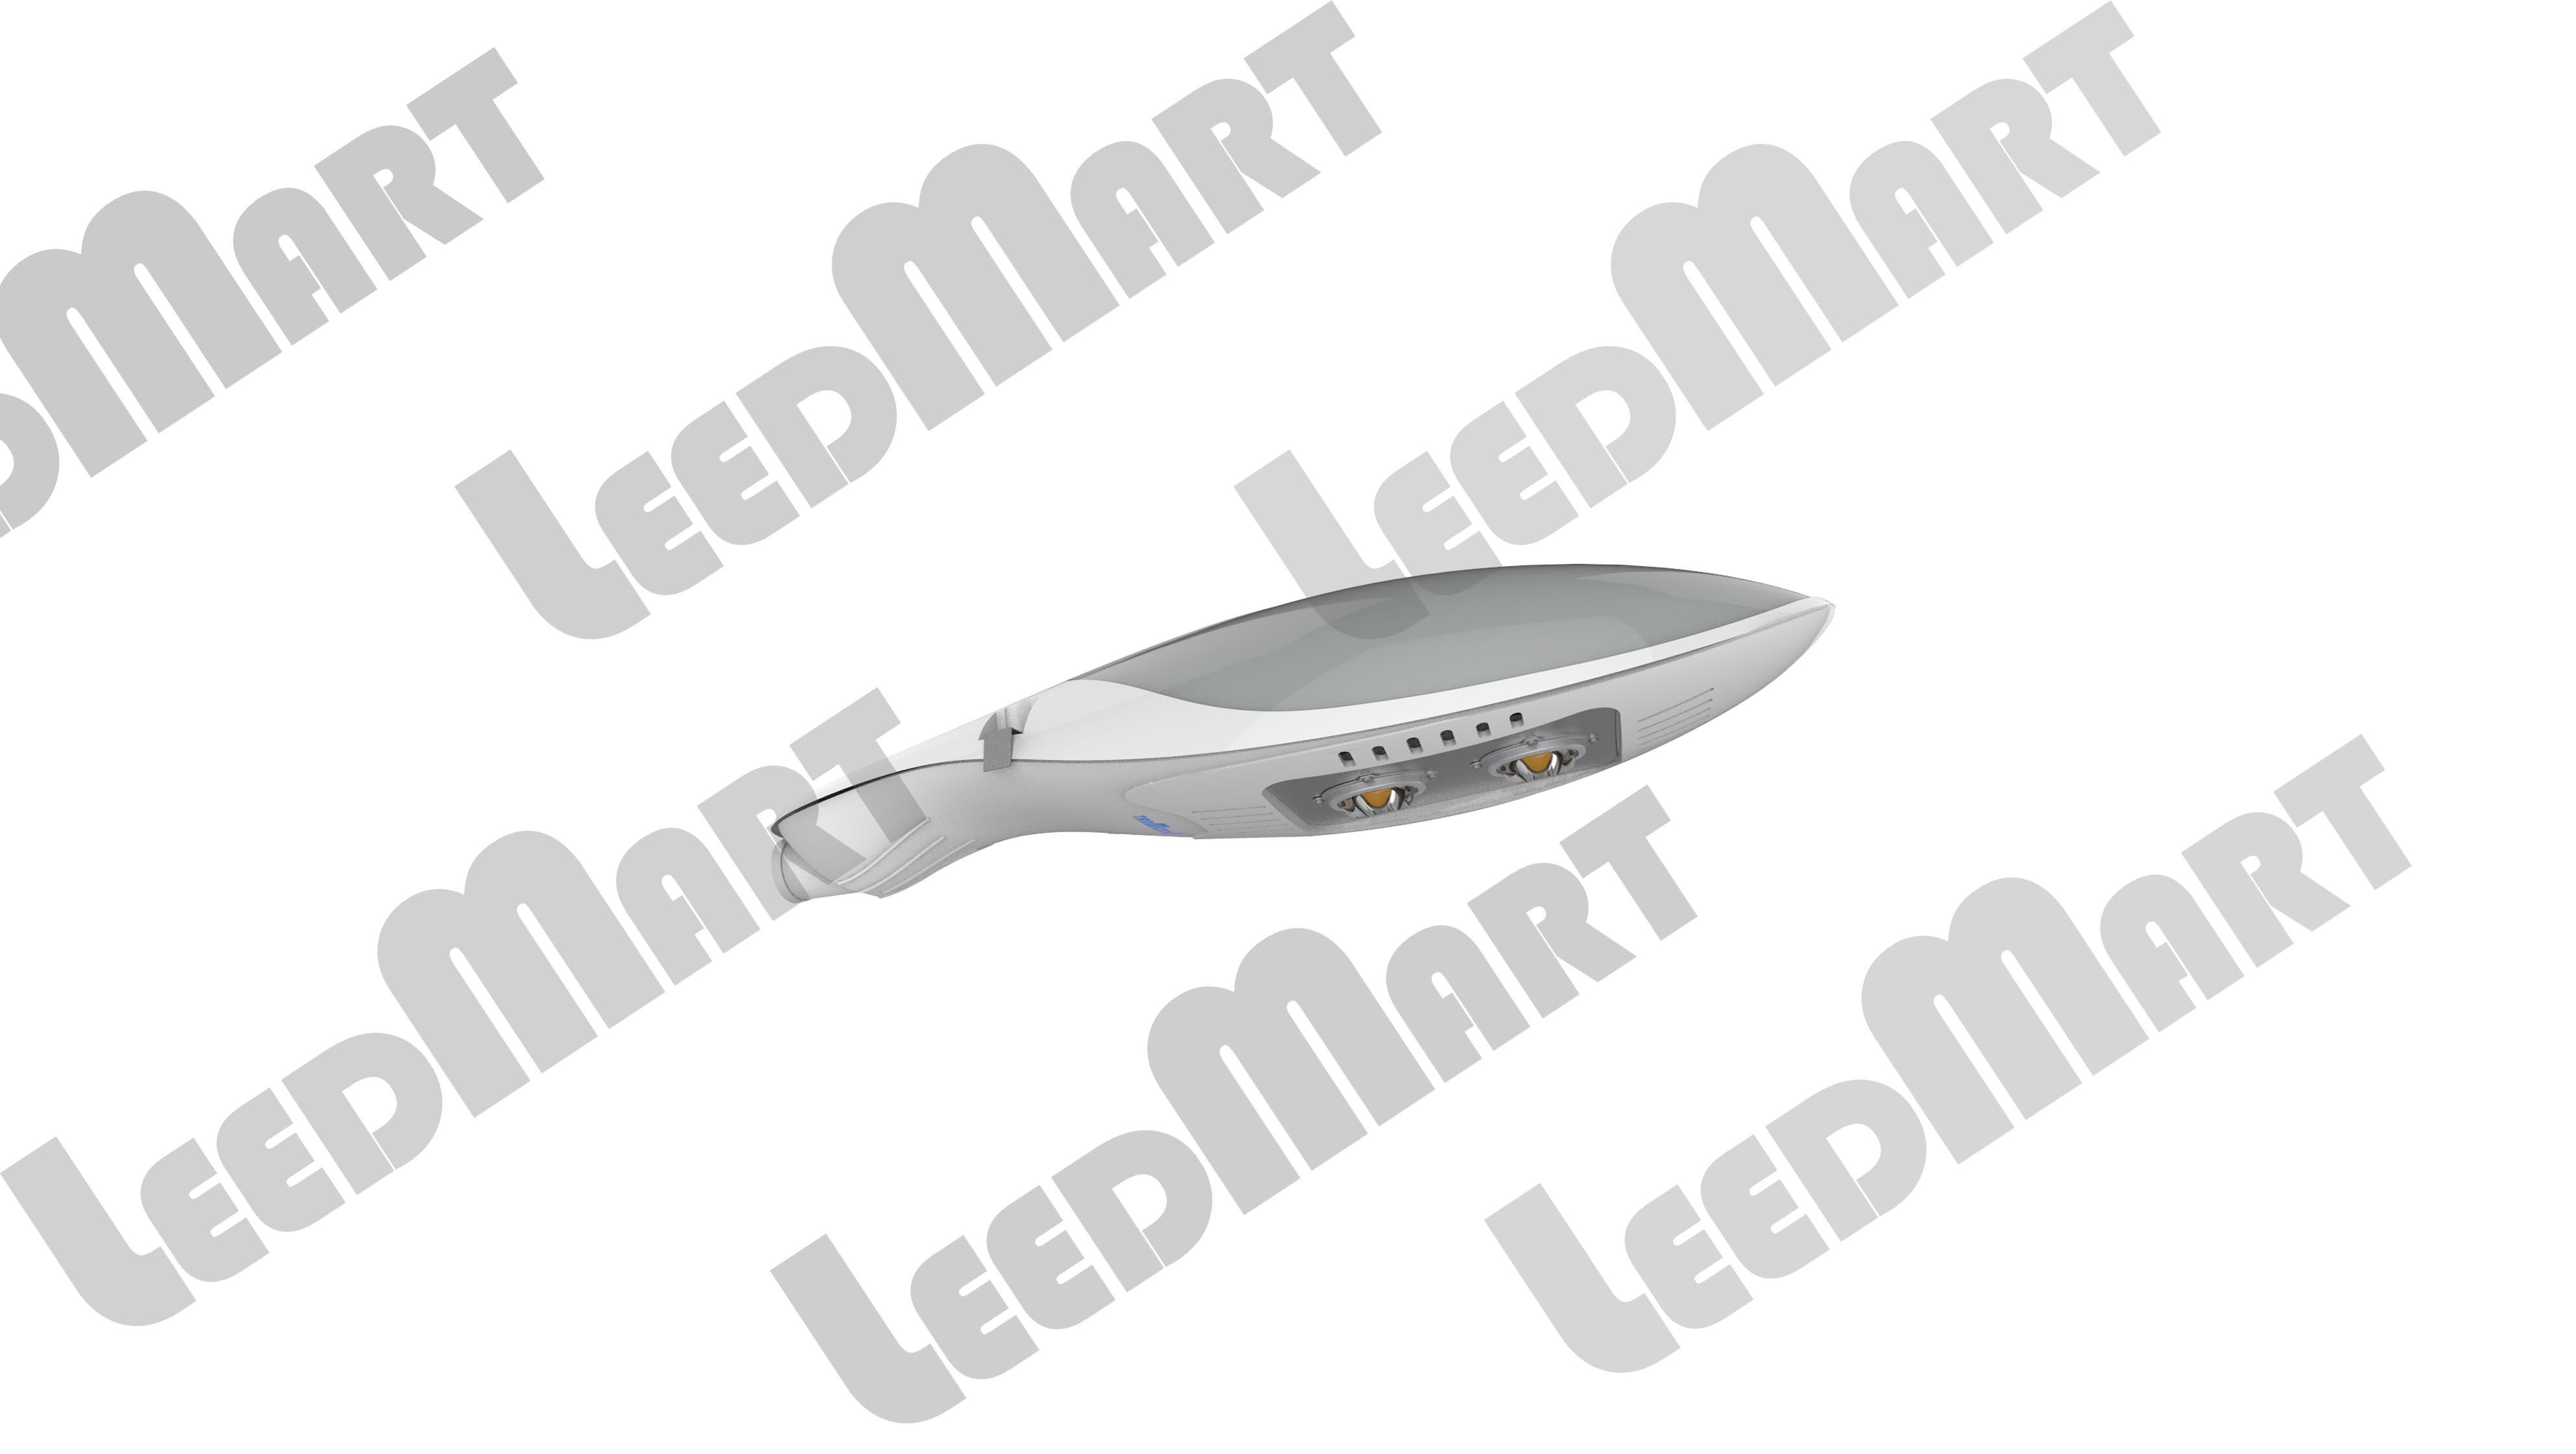 LED street light COB 60 watt-180 watt 21600 lumen 2700-5000K - 120-277V